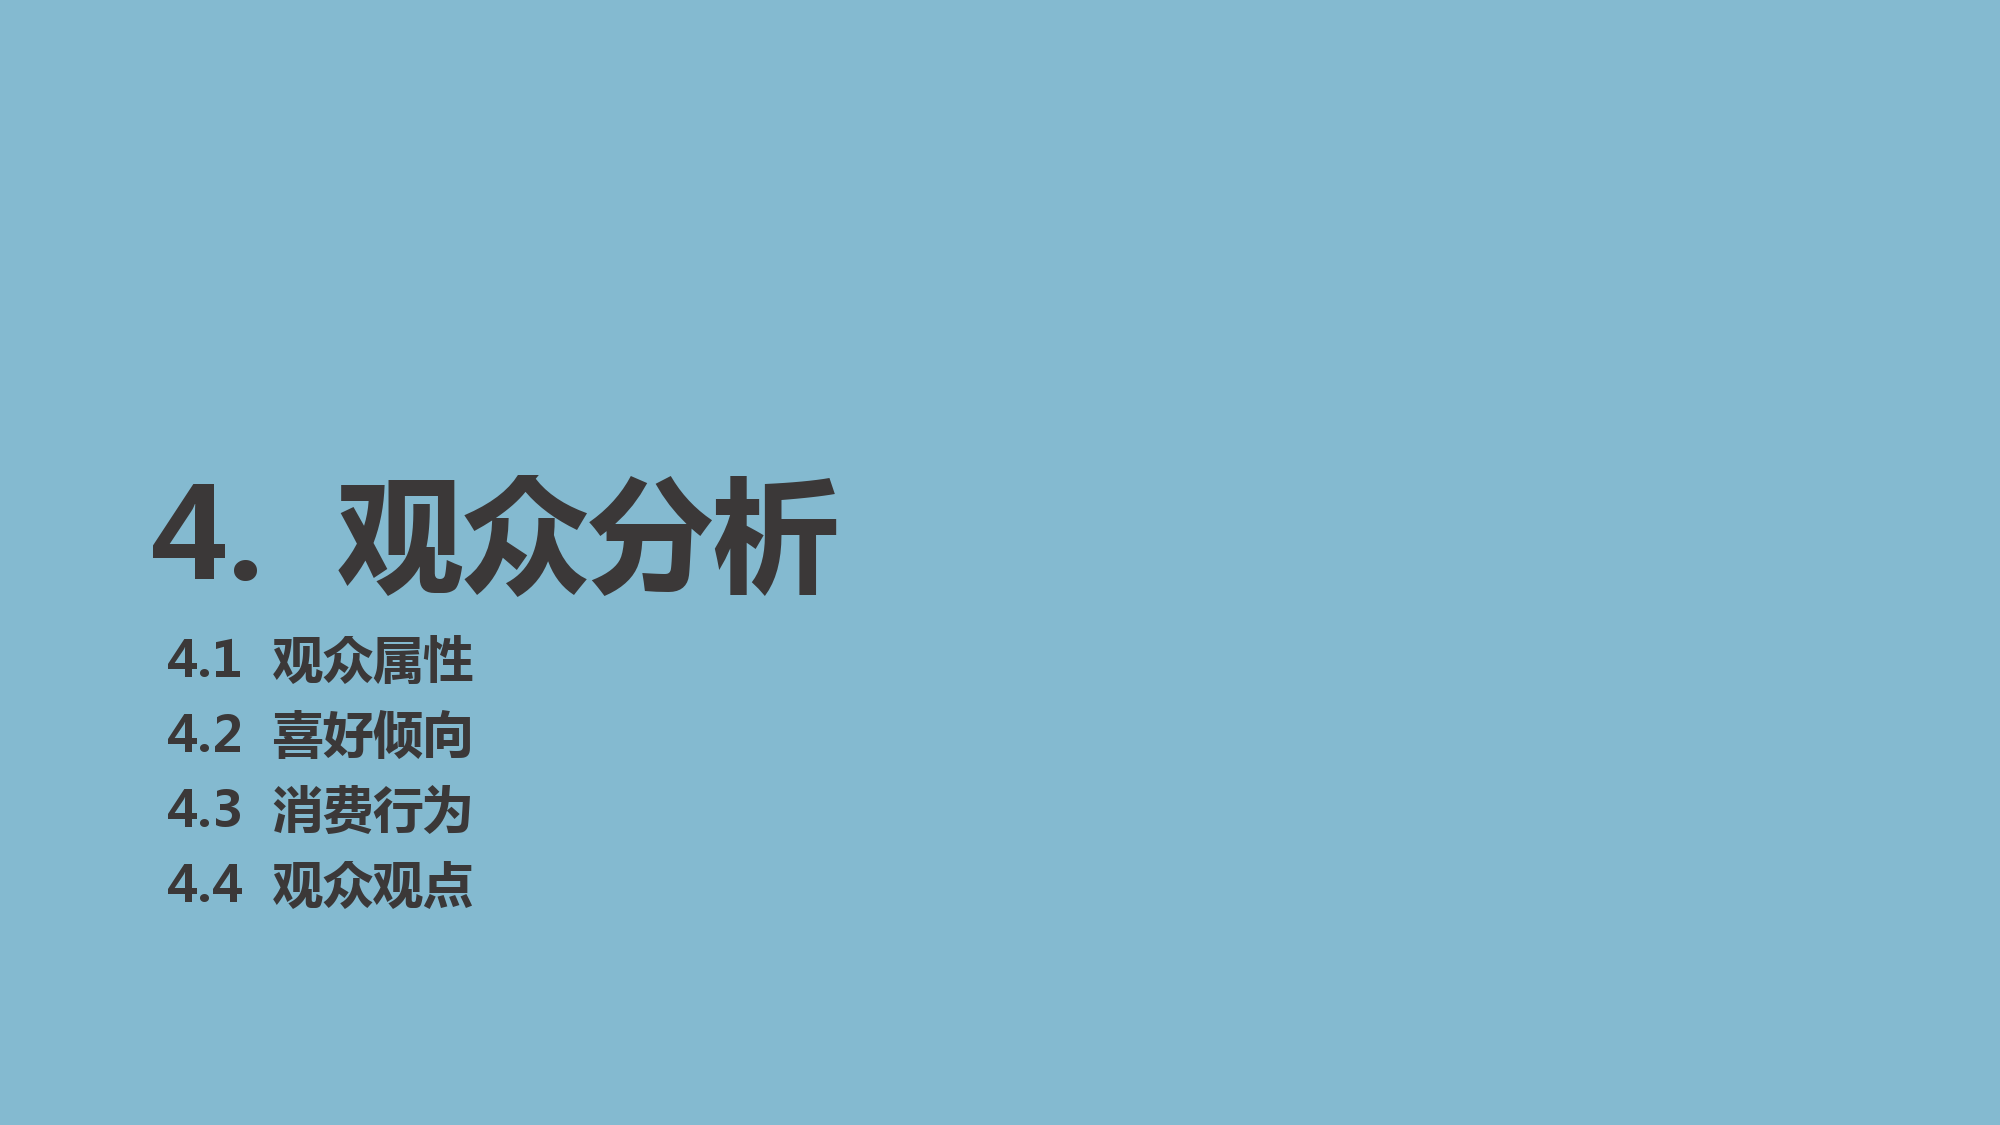 2015年度中国电影产业报告_000045